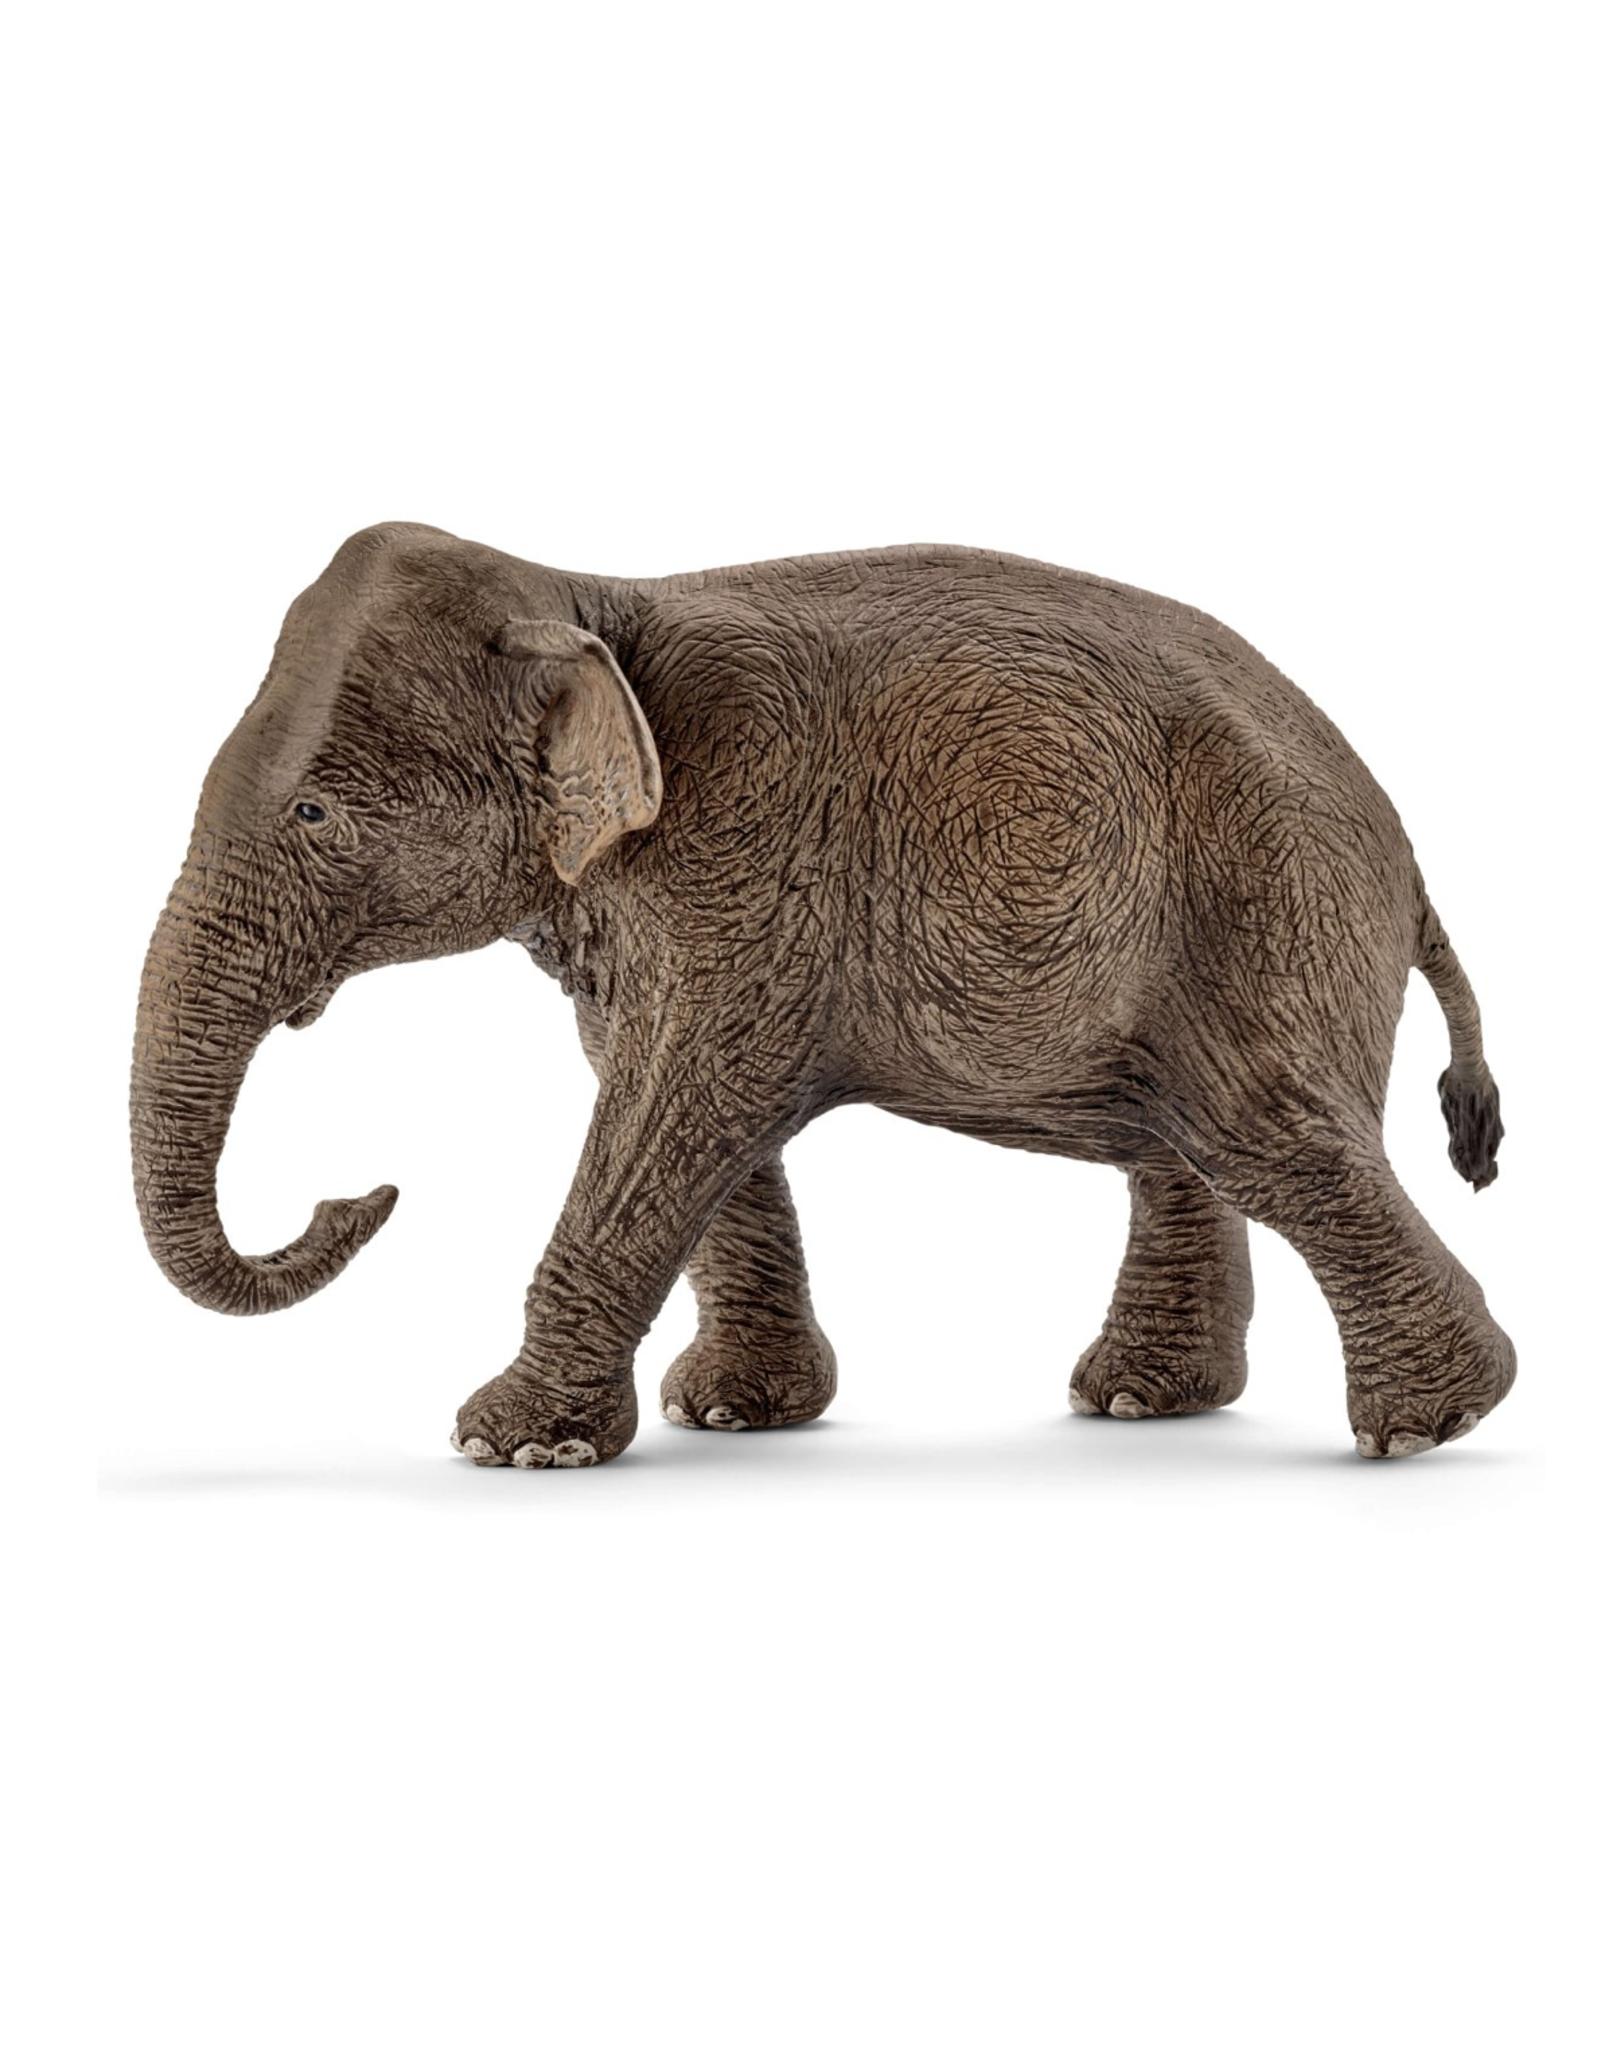 Schleich Asian elephant, female